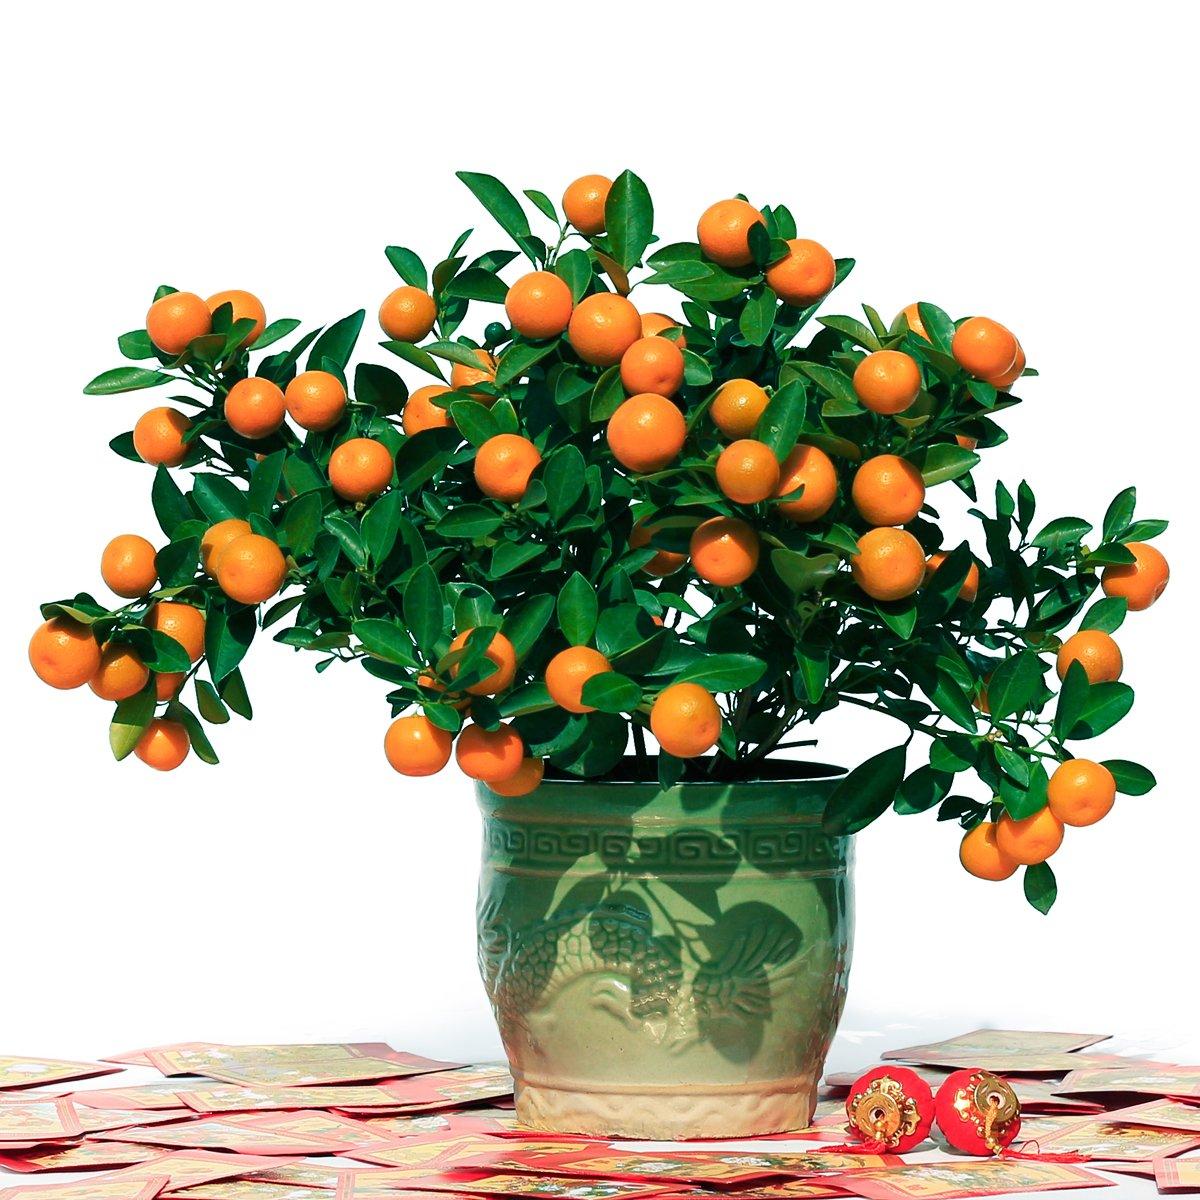 年宵花卉小盆四季桔 年桔盆景花卉 新年送礼佳品 恭祝新年大吉大利图片